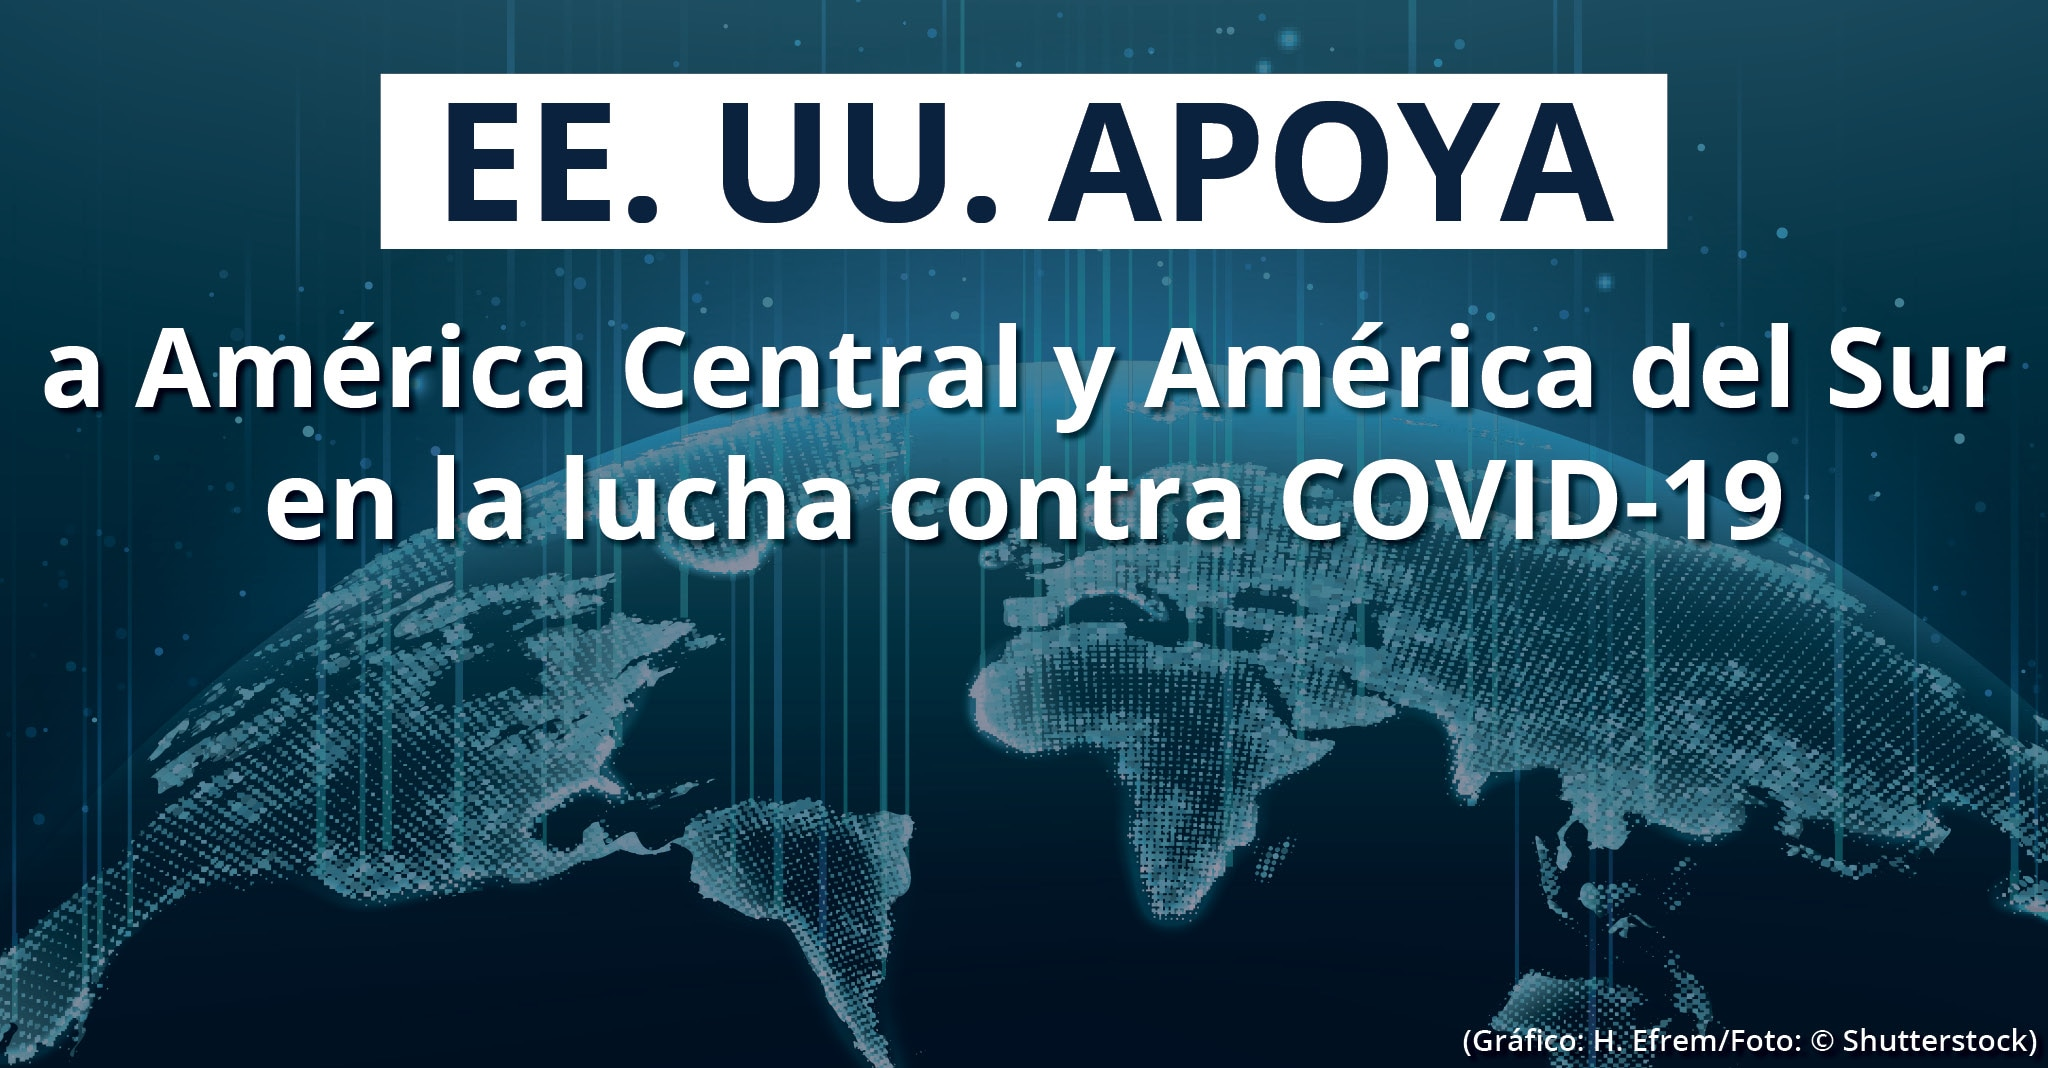 Gráfica con la Tierra y texto que dice 'EE. UU. apoya a América Central y América del Sur en la lucha contra COVID-19' (Gráfica: H. Efrem/Foto: © Shutterstock)